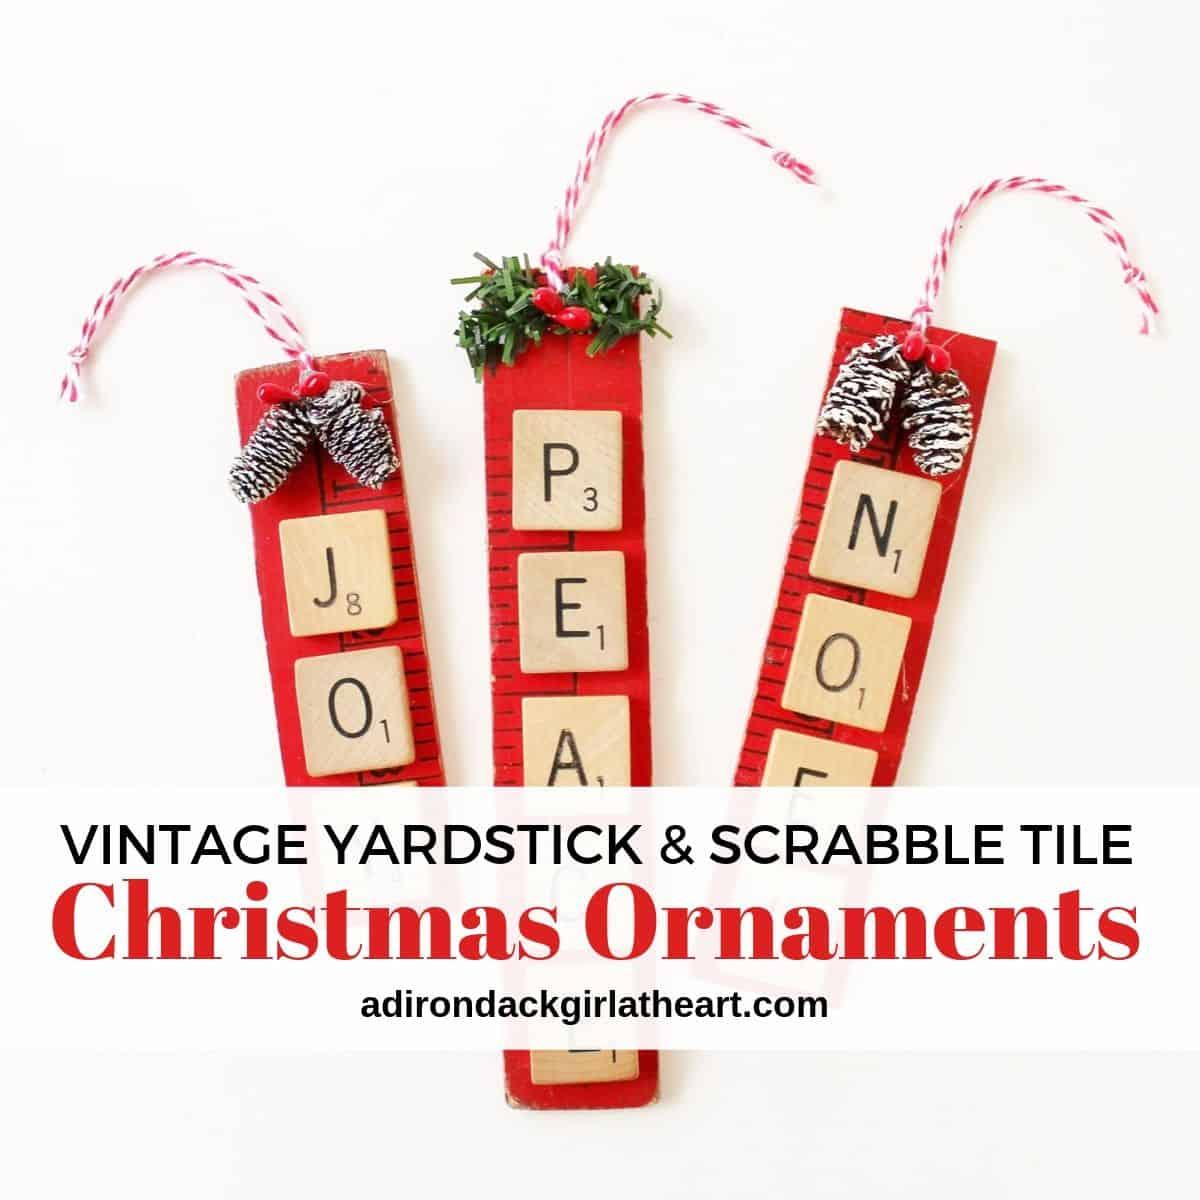 Vintage Yardstick Scrabble Tile Christmas Ornament